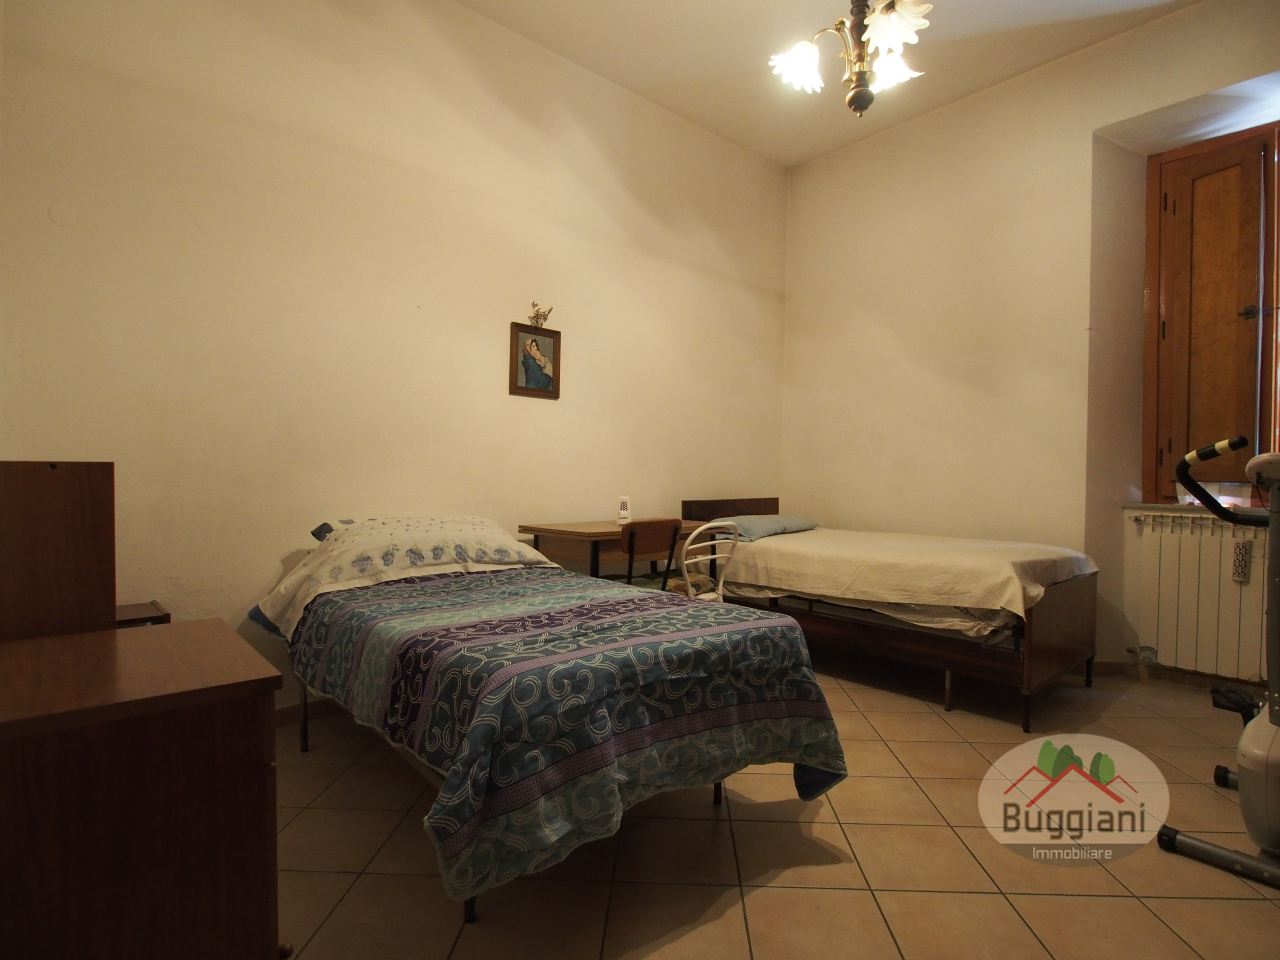 Appartamento in vendita RIF. 1800, San Miniato (PI)